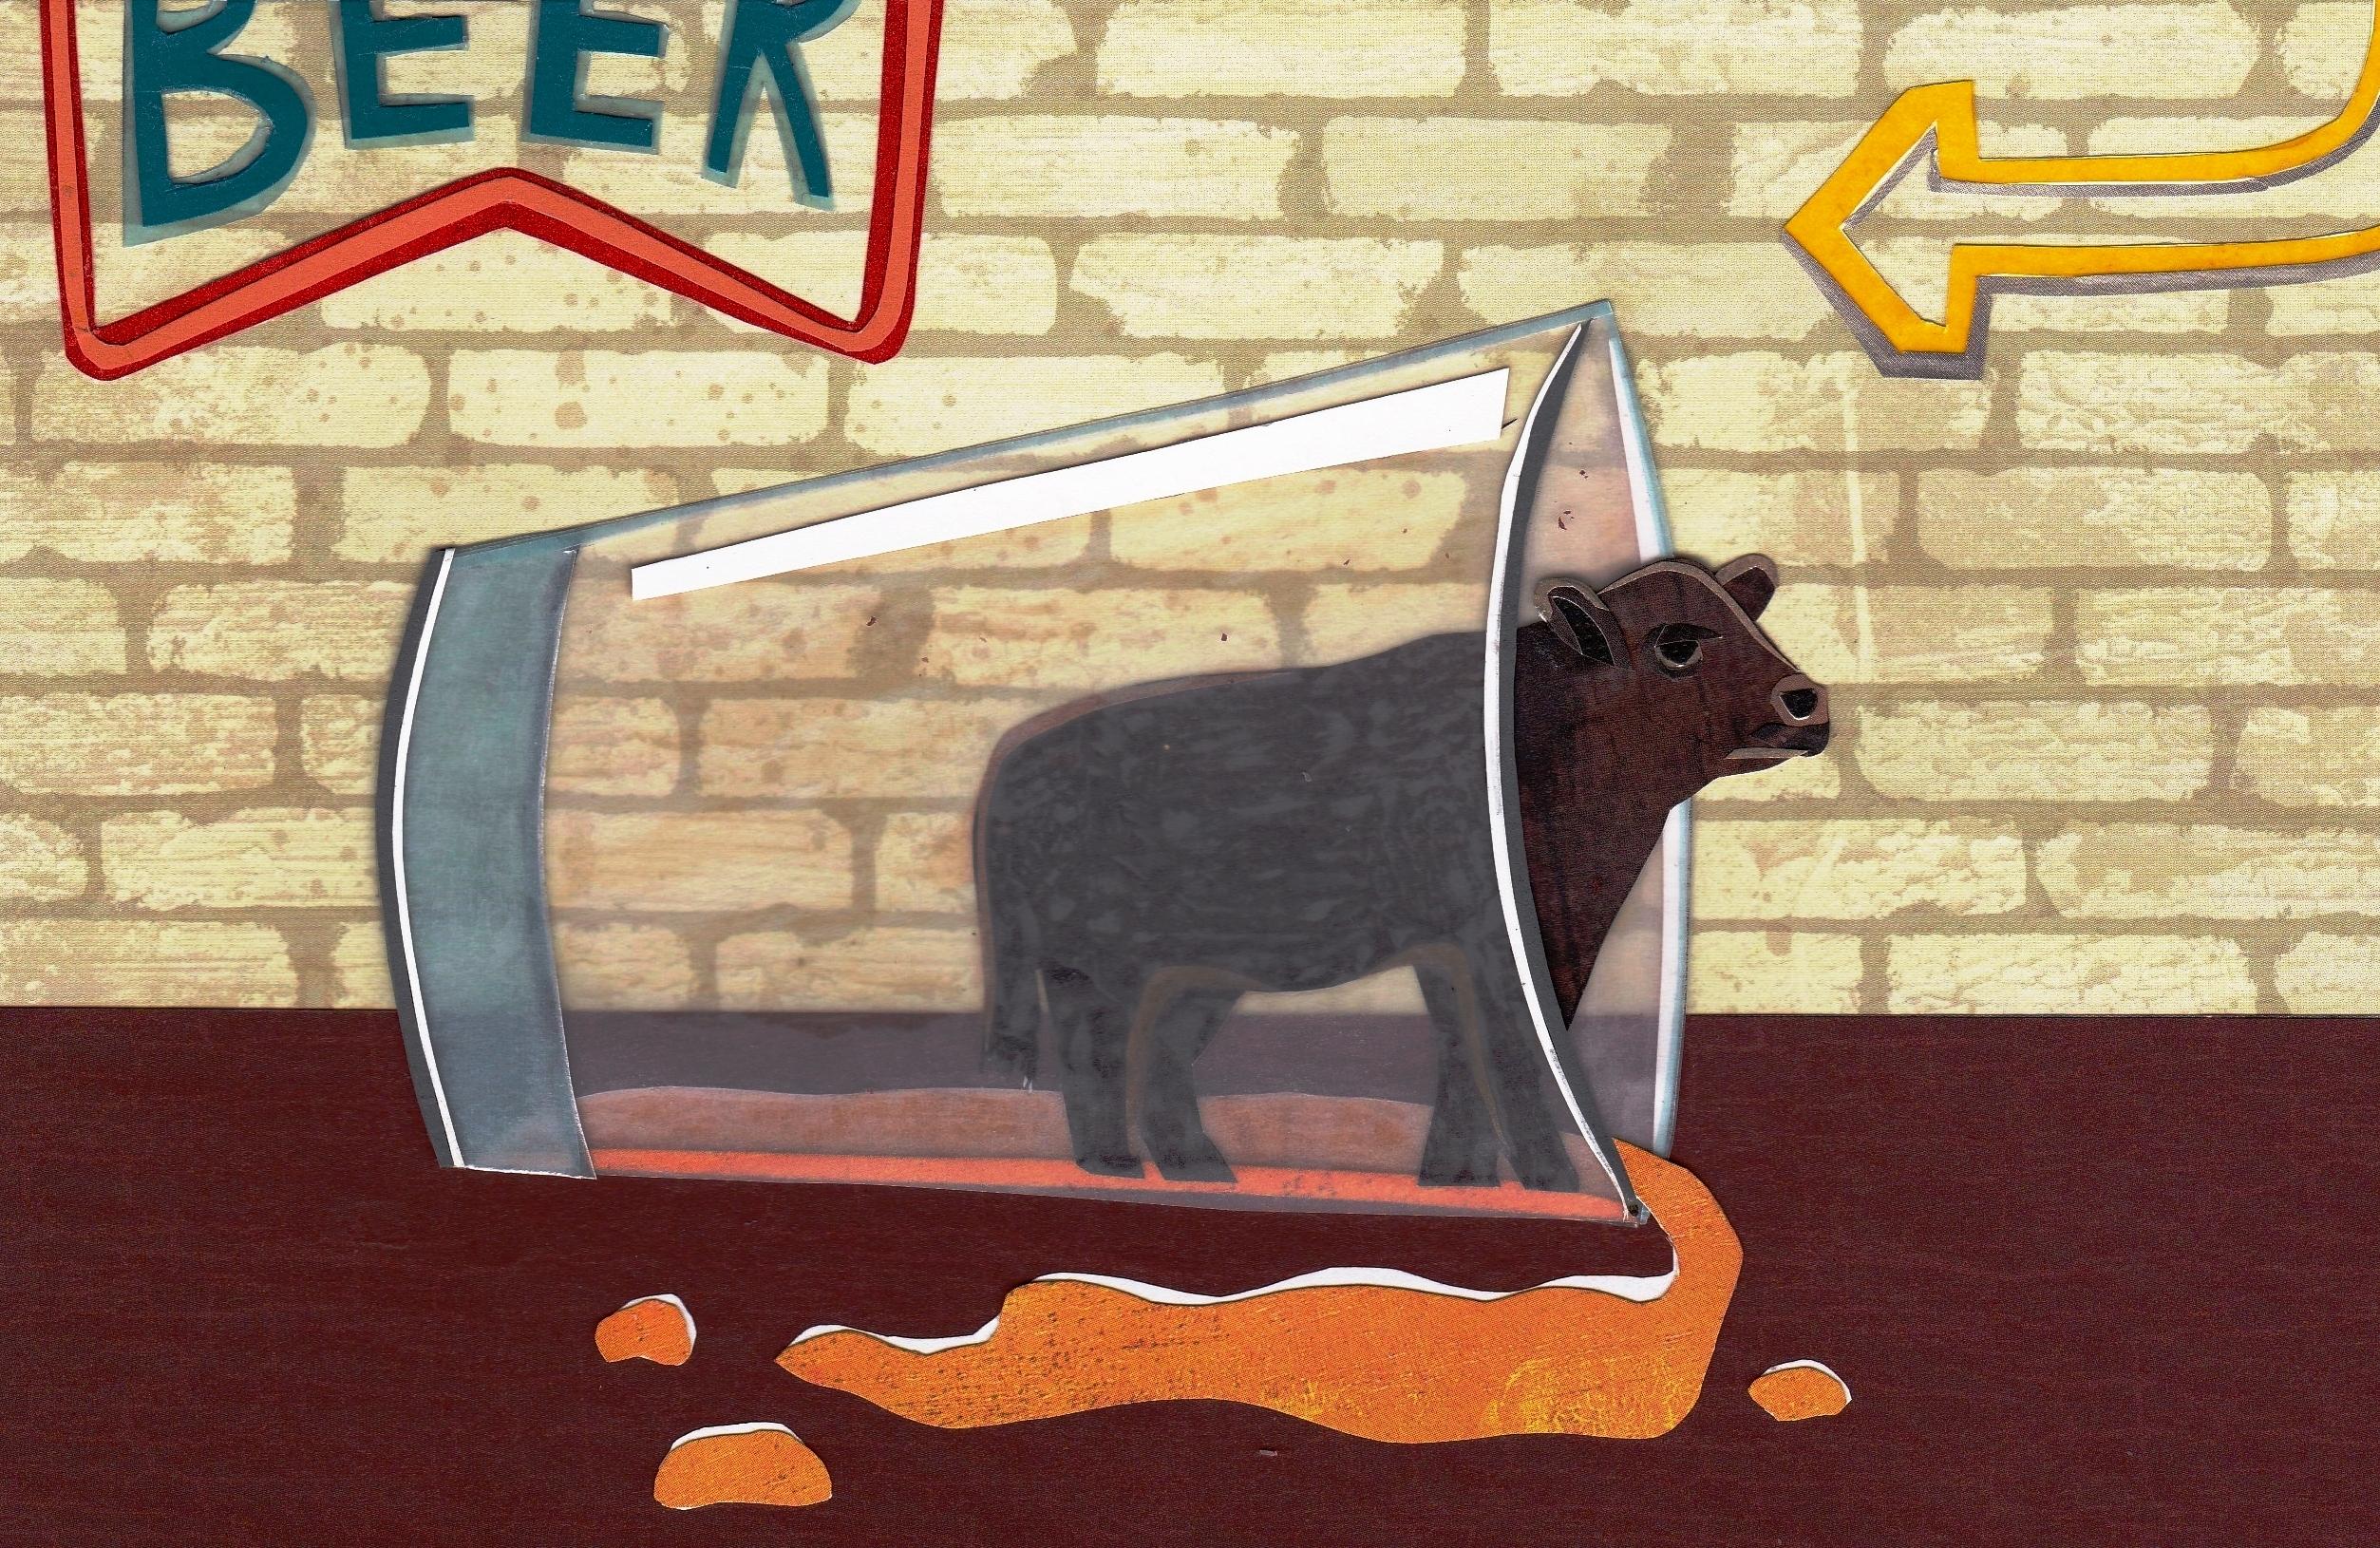 Steer Beer